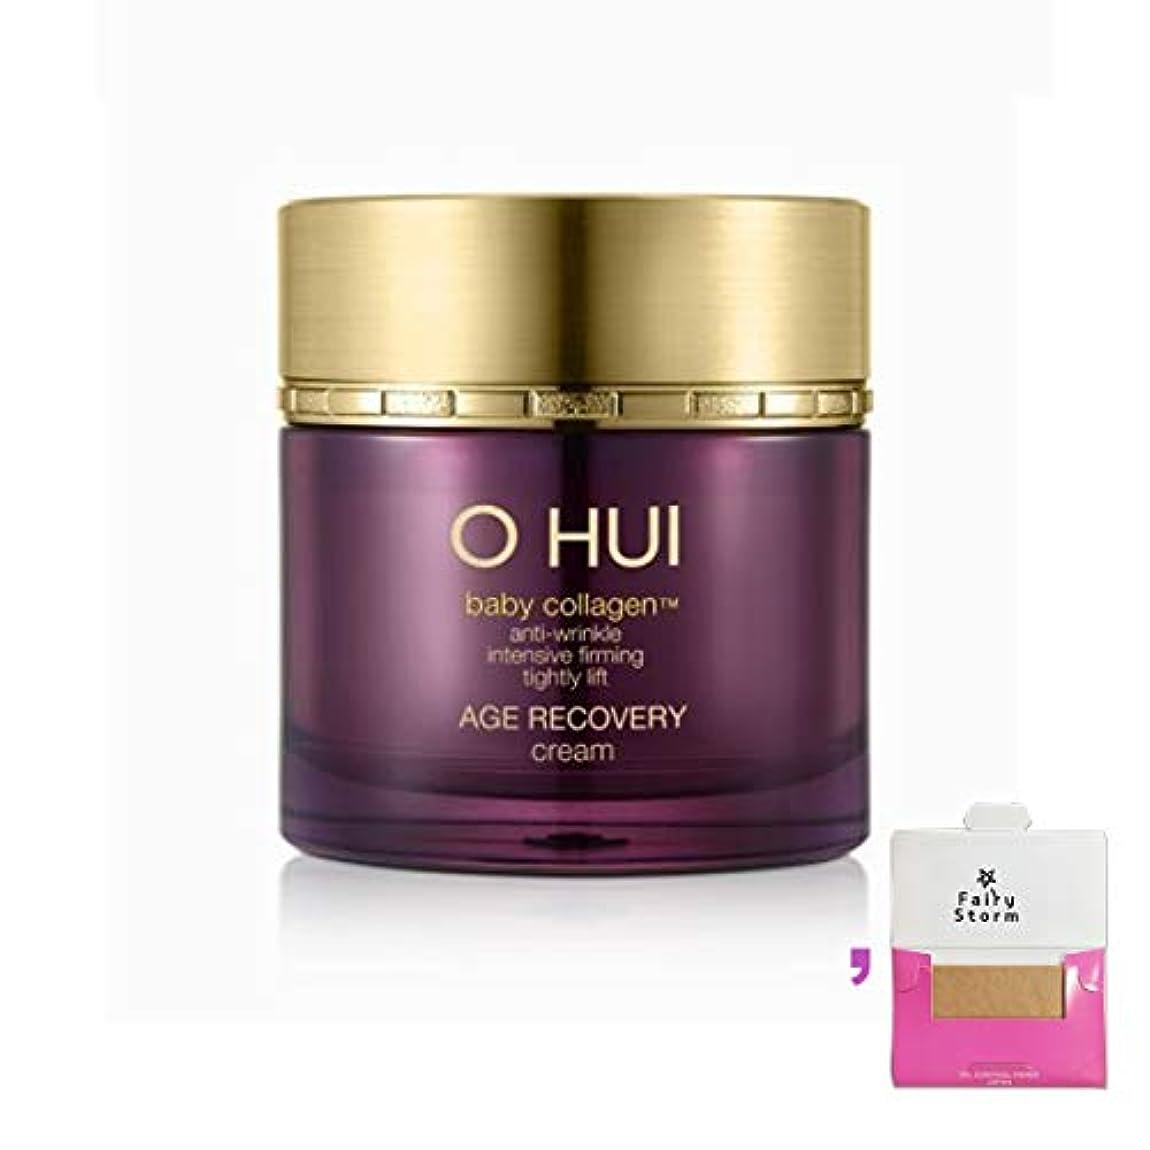 重要配列相談[オフィ/ O HUI]韓国化粧品 LG生活健康/オフィ エイジ リカバリー クリーム/O HUI AGE RECOVERY CREAM 50ml+ [Sample Gift](海外直送品)